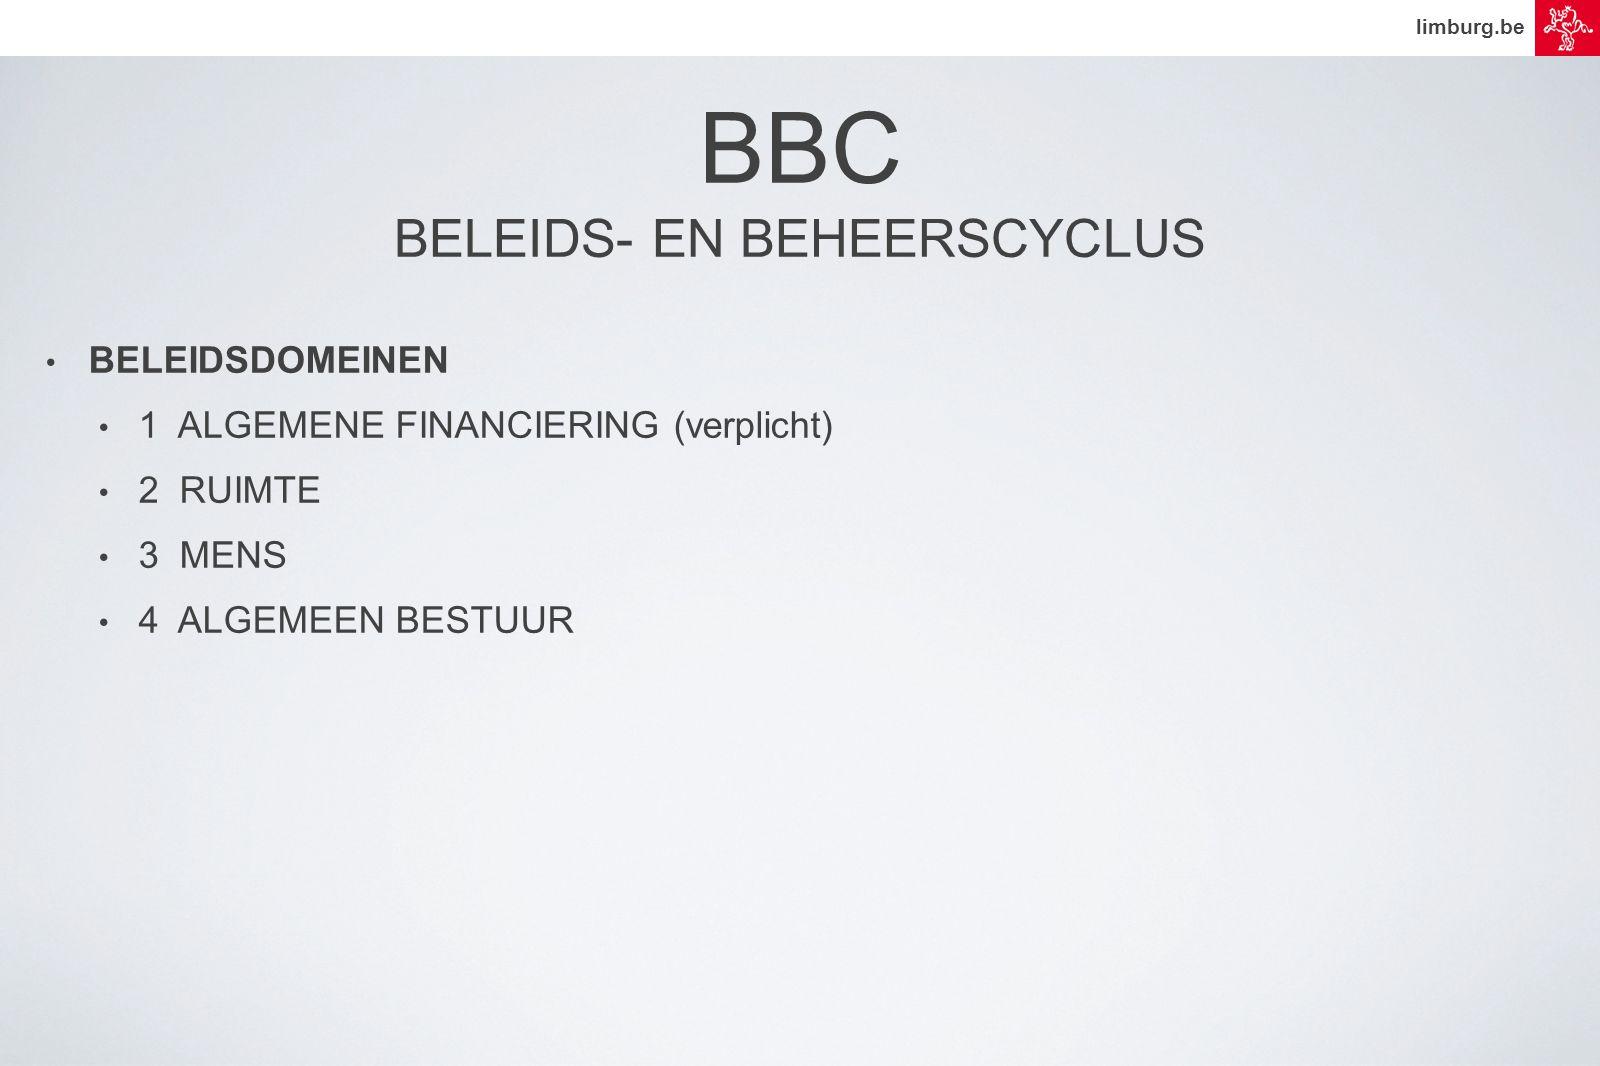 limburg.be • BELEIDSDOMEINEN • 1 ALGEMENE FINANCIERING (verplicht) • 2 RUIMTE • 3 MENS • 4 ALGEMEEN BESTUUR BBC BELEIDS- EN BEHEERSCYCLUS